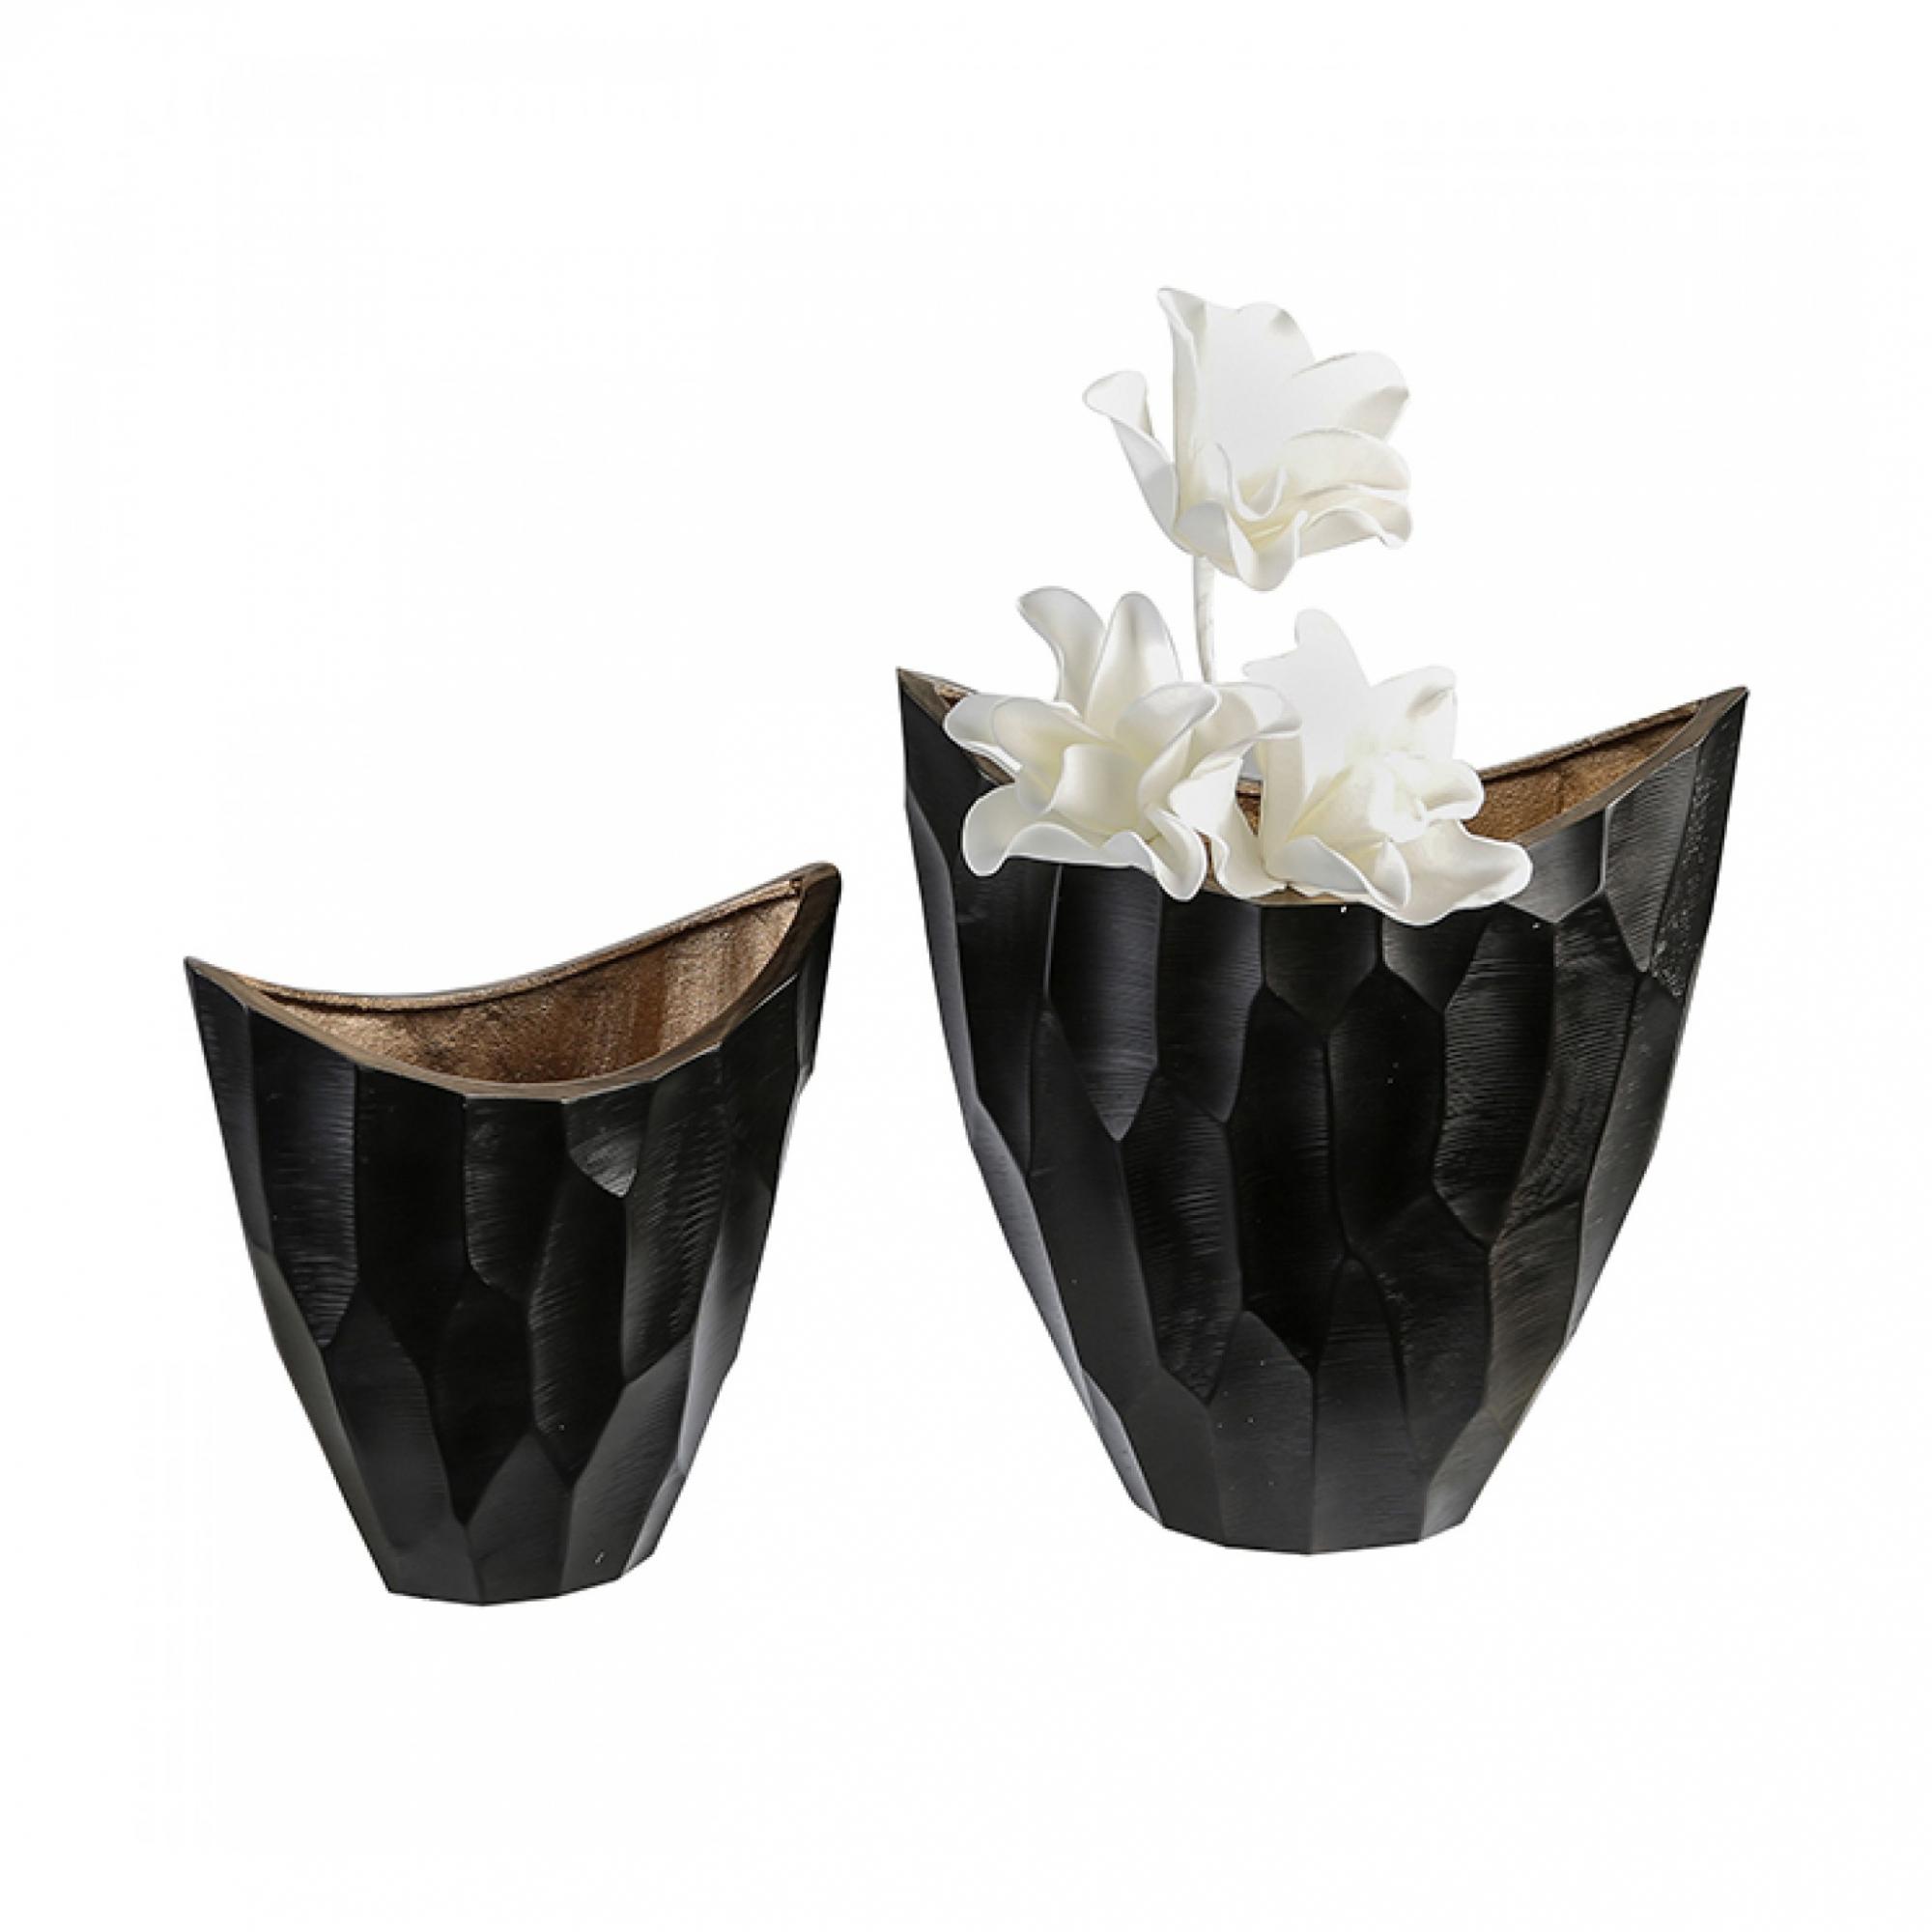 Hliníková váza Lava, 26 cm, černá/zlatá